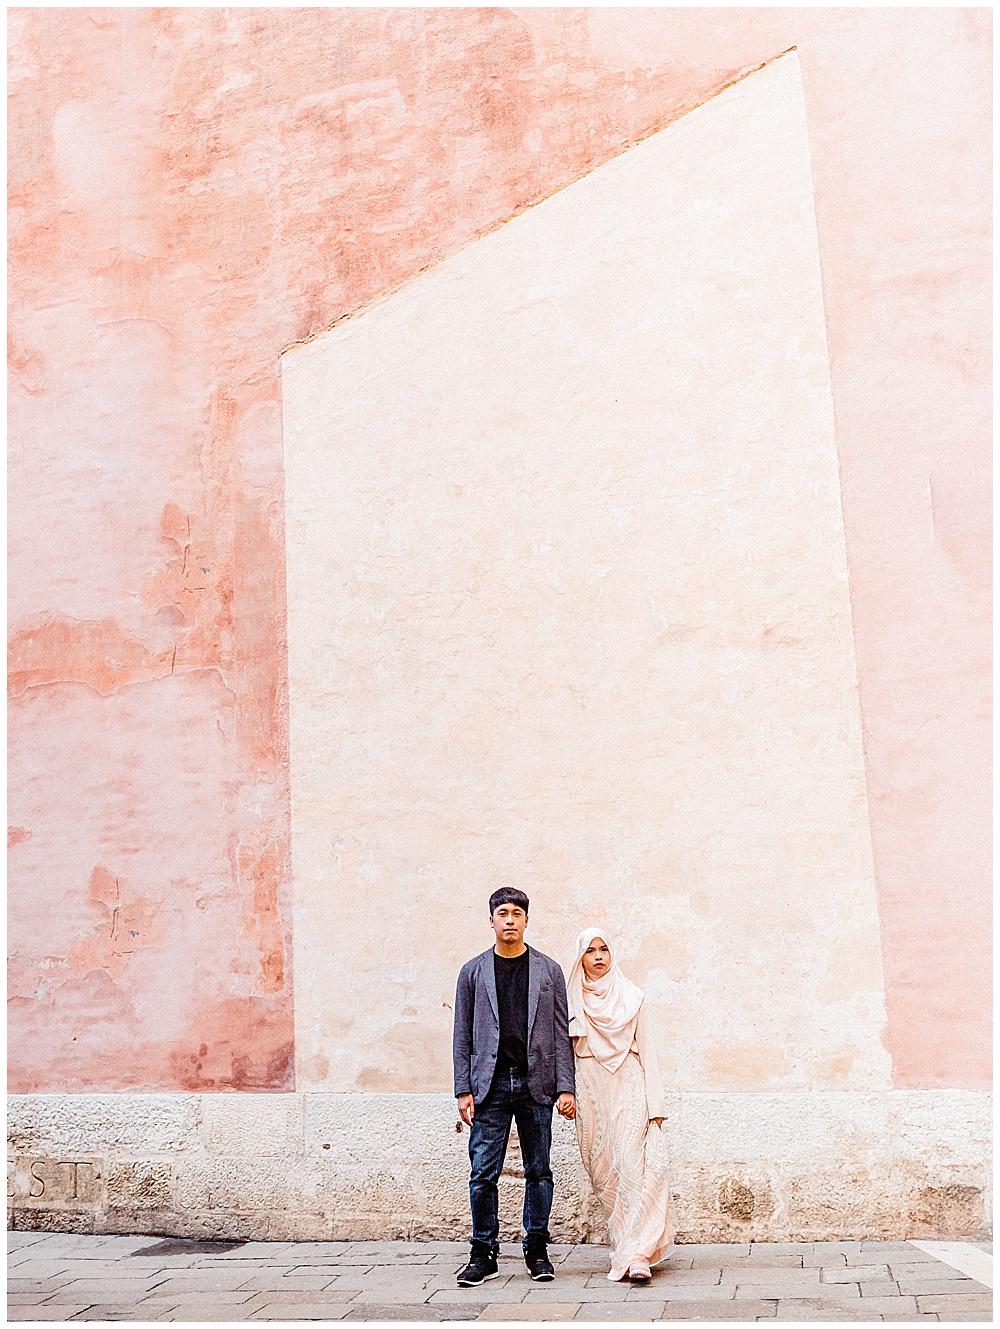 Venice-italy-wedding-photographer-stefano-degirmenci_0011.jpg